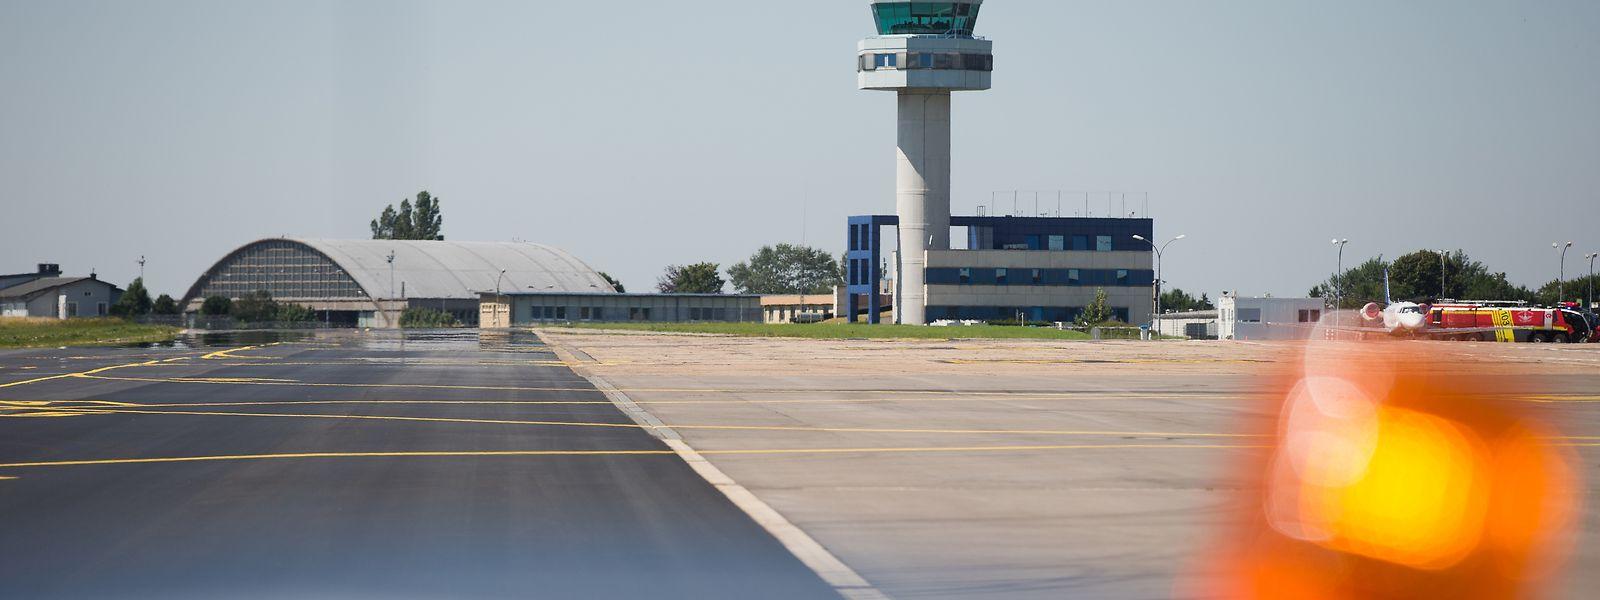 Nach der Renovierung des Terminal B und neuen Stellplätzen für Frachtflieger steht nun 2020 die Erneuerung der Start- und Landebahn an, auch ein neuer Tower soll her, wie unlängst beschlossen wurde.